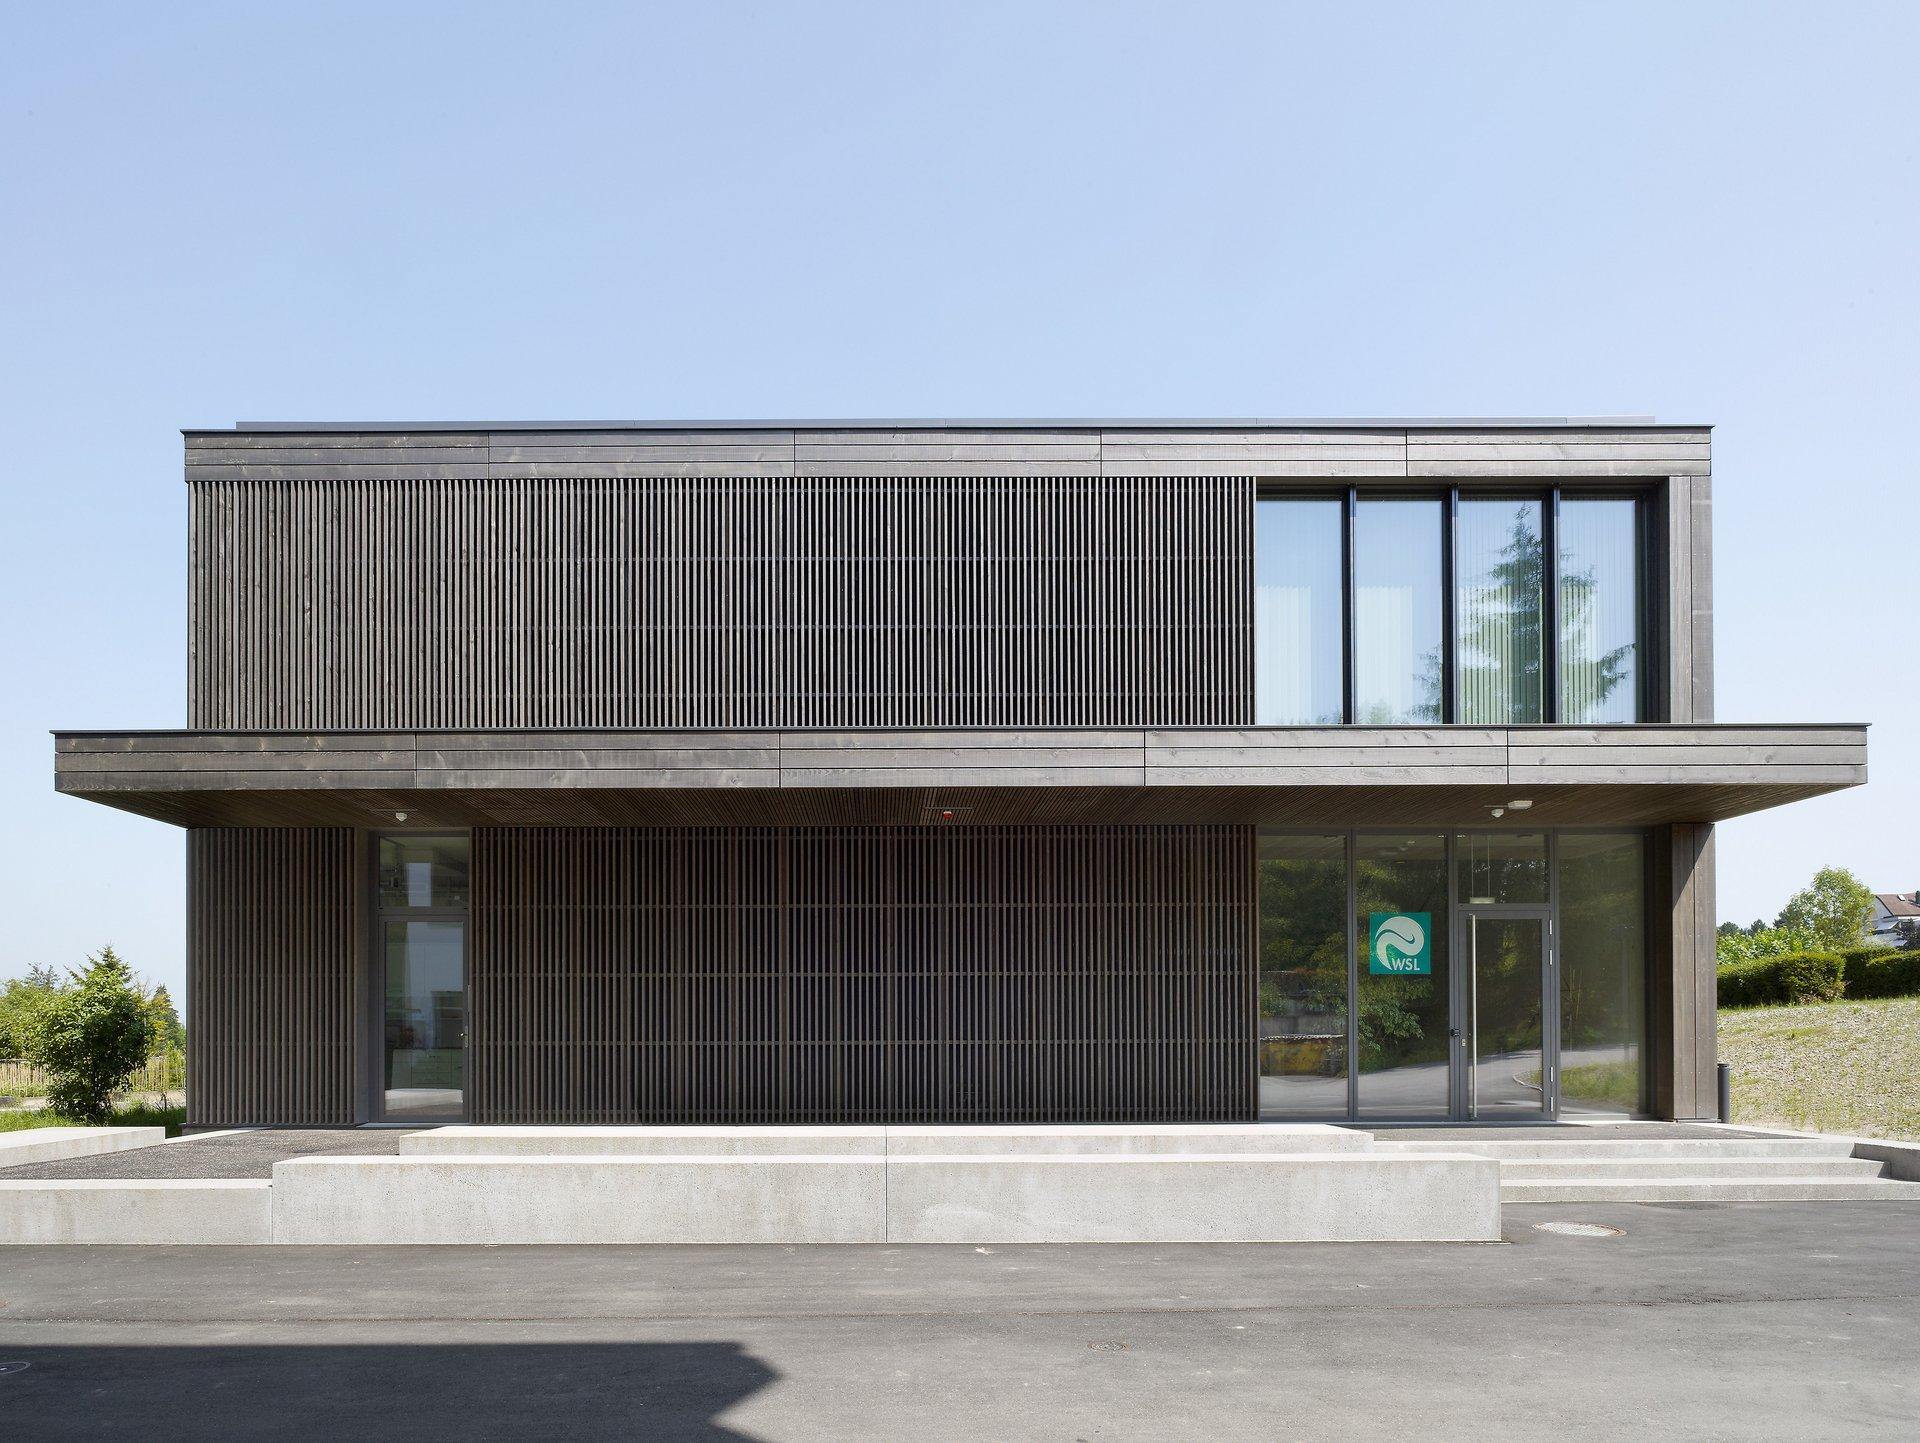 Laborgebäude mit einer Holzfassade aus vertikalen Lamellen, vorvergraut